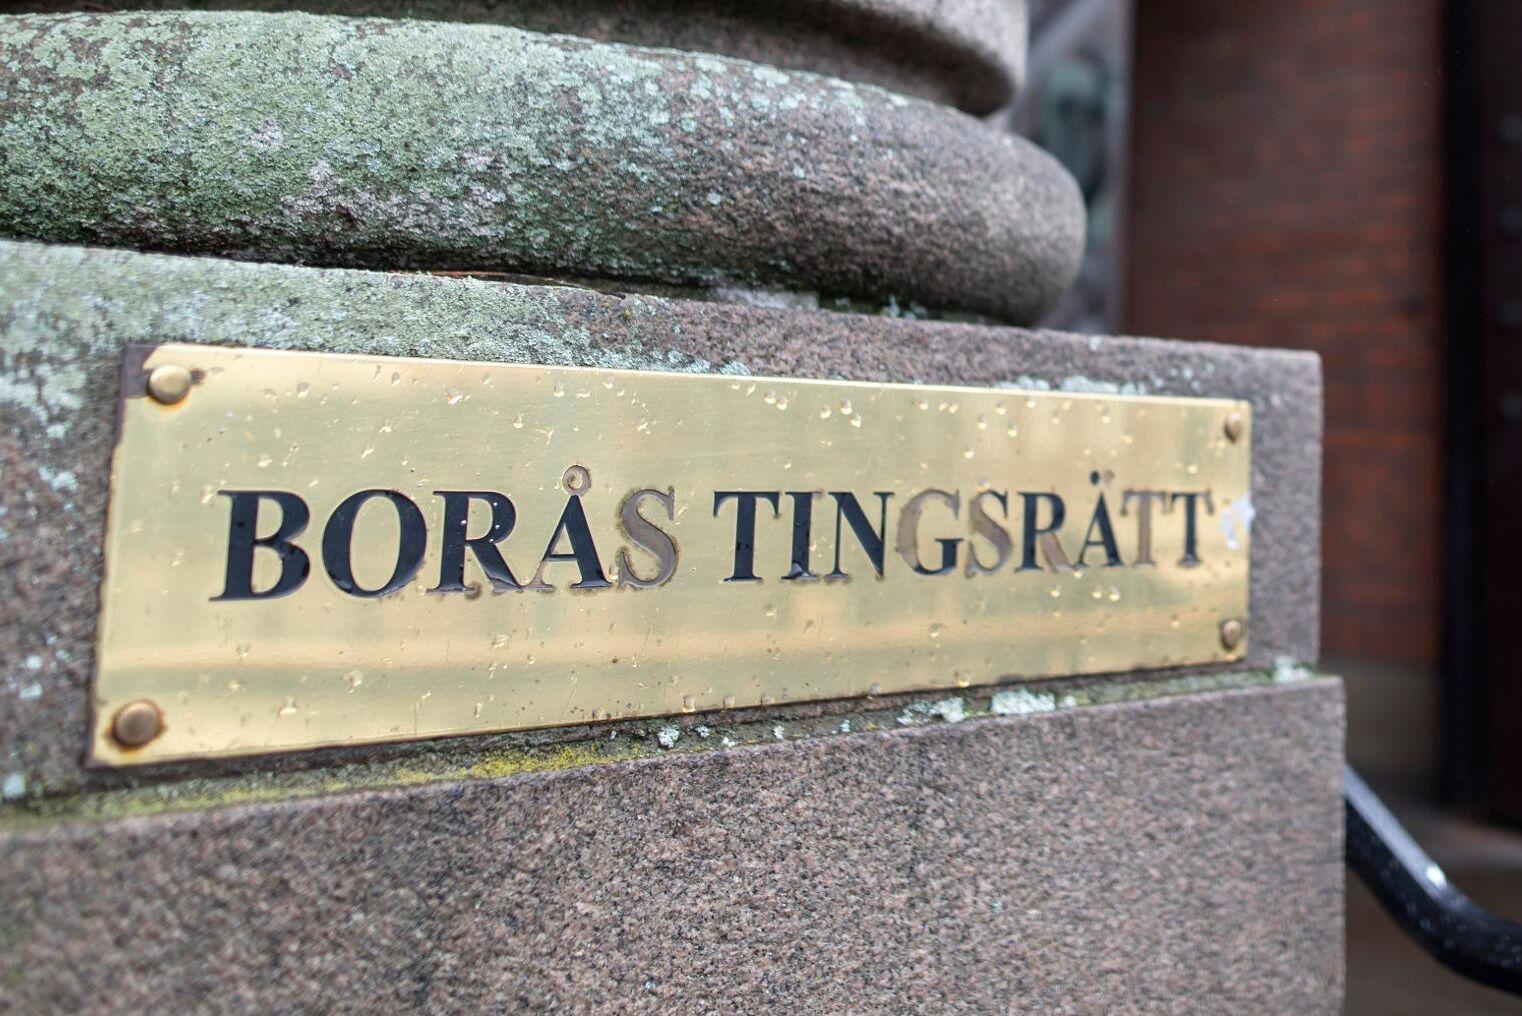 Nio personer som tog sig in på ett slakteri döms till dagsböter av Borås tingsrätt. Arkivbild.